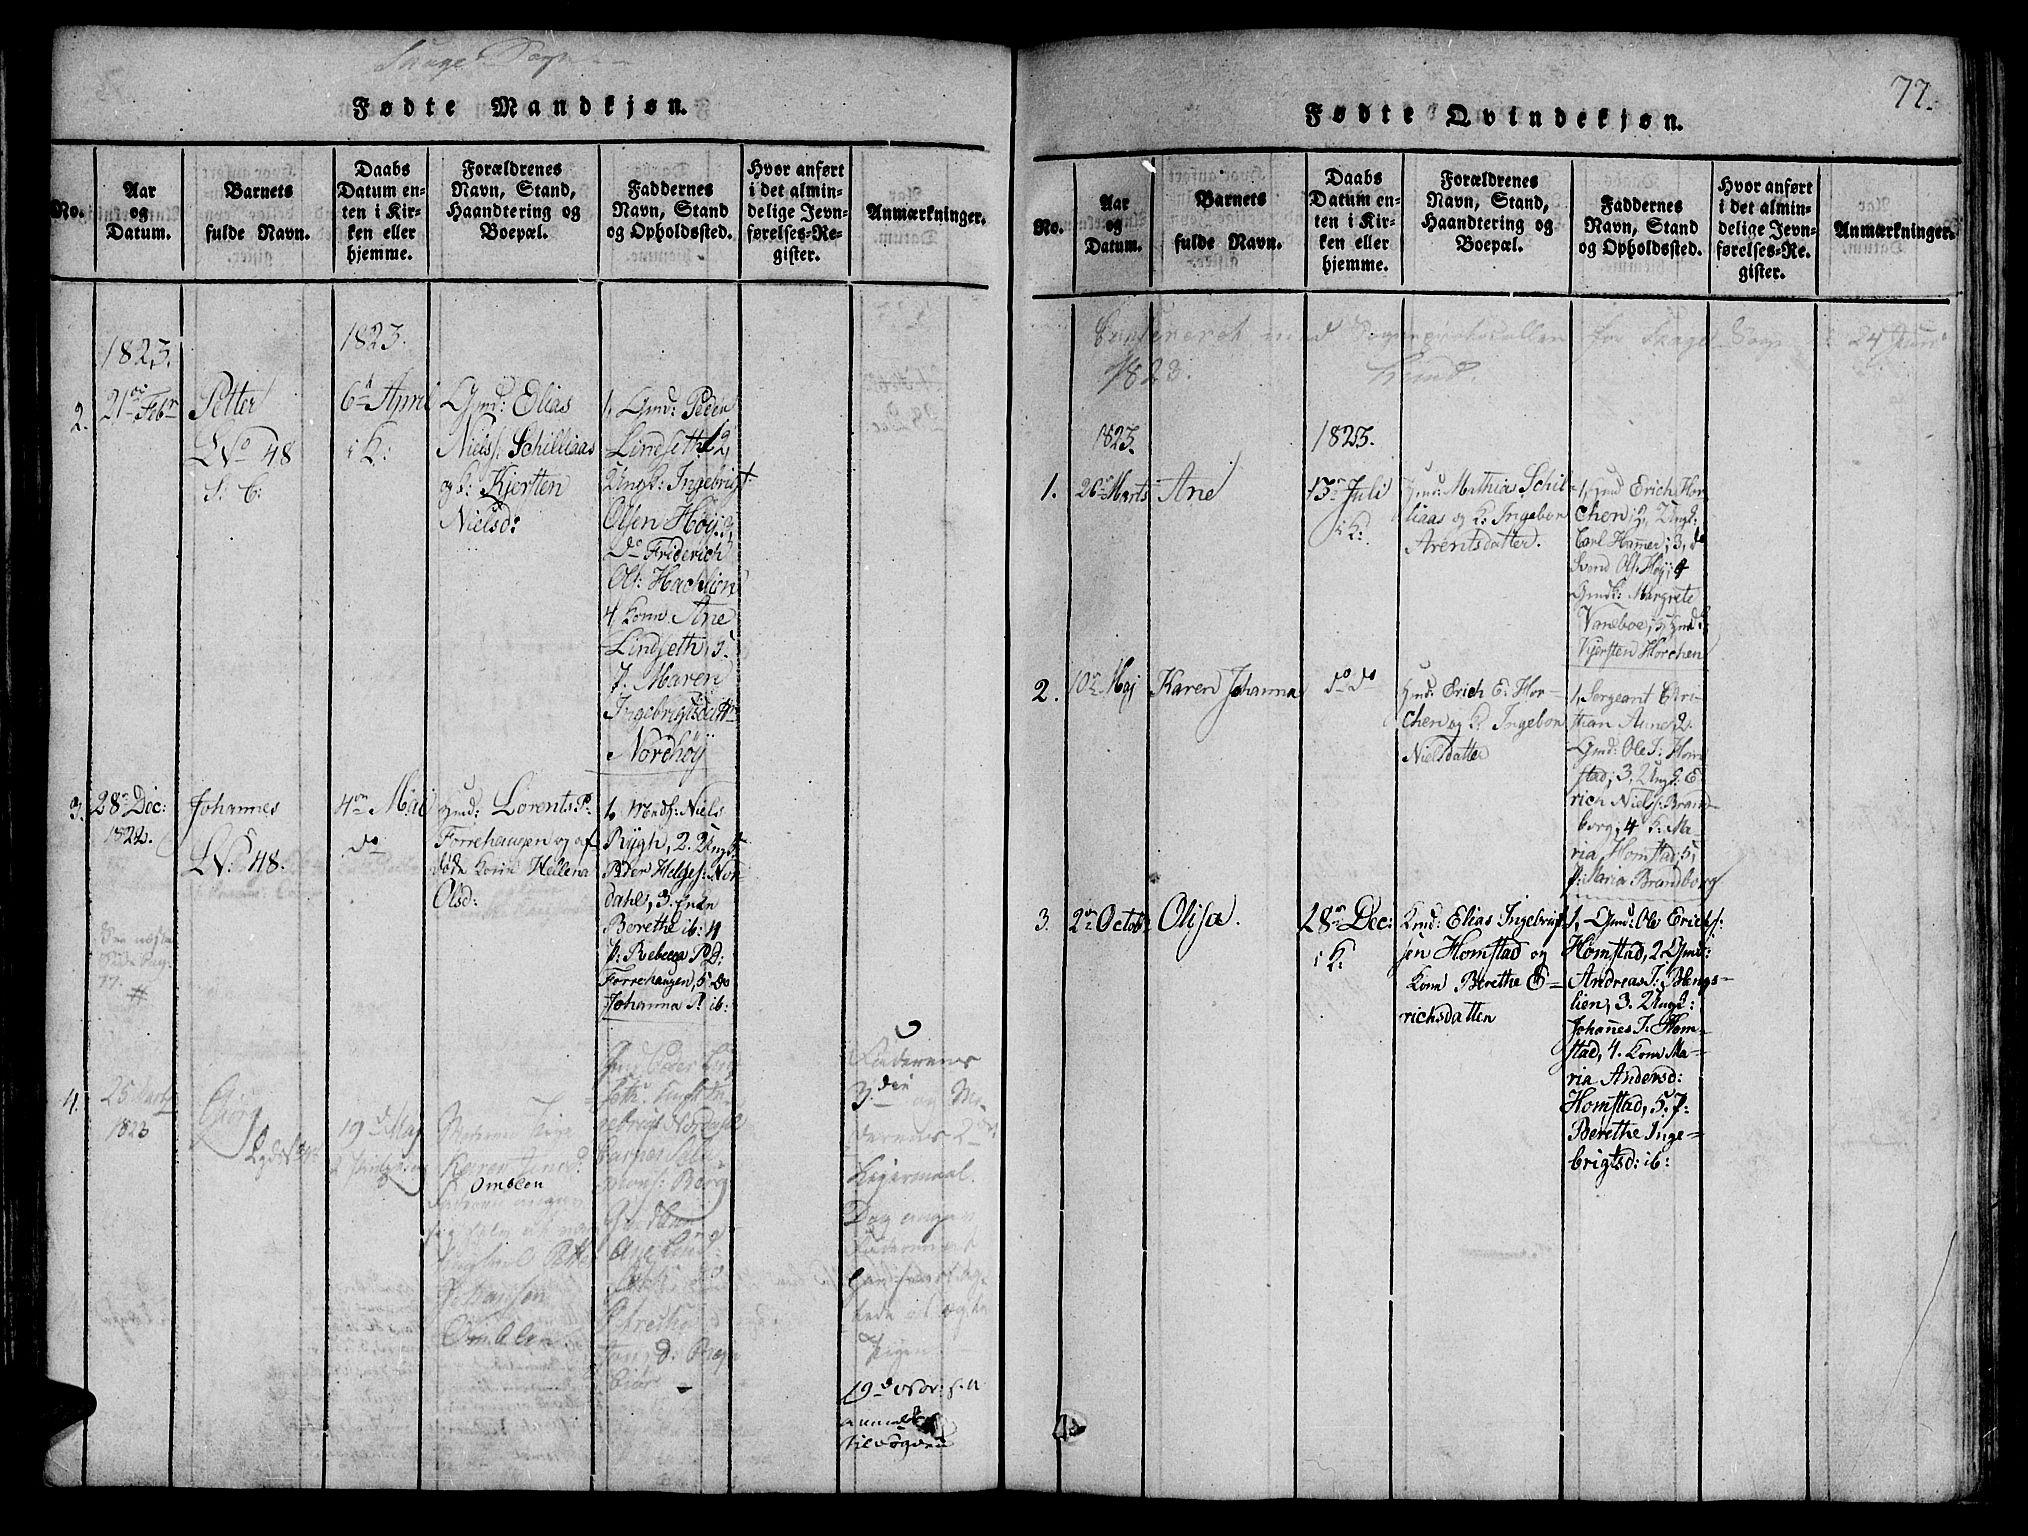 SAT, Ministerialprotokoller, klokkerbøker og fødselsregistre - Nord-Trøndelag, 764/L0546: Ministerialbok nr. 764A06 /4, 1817-1823, s. 77